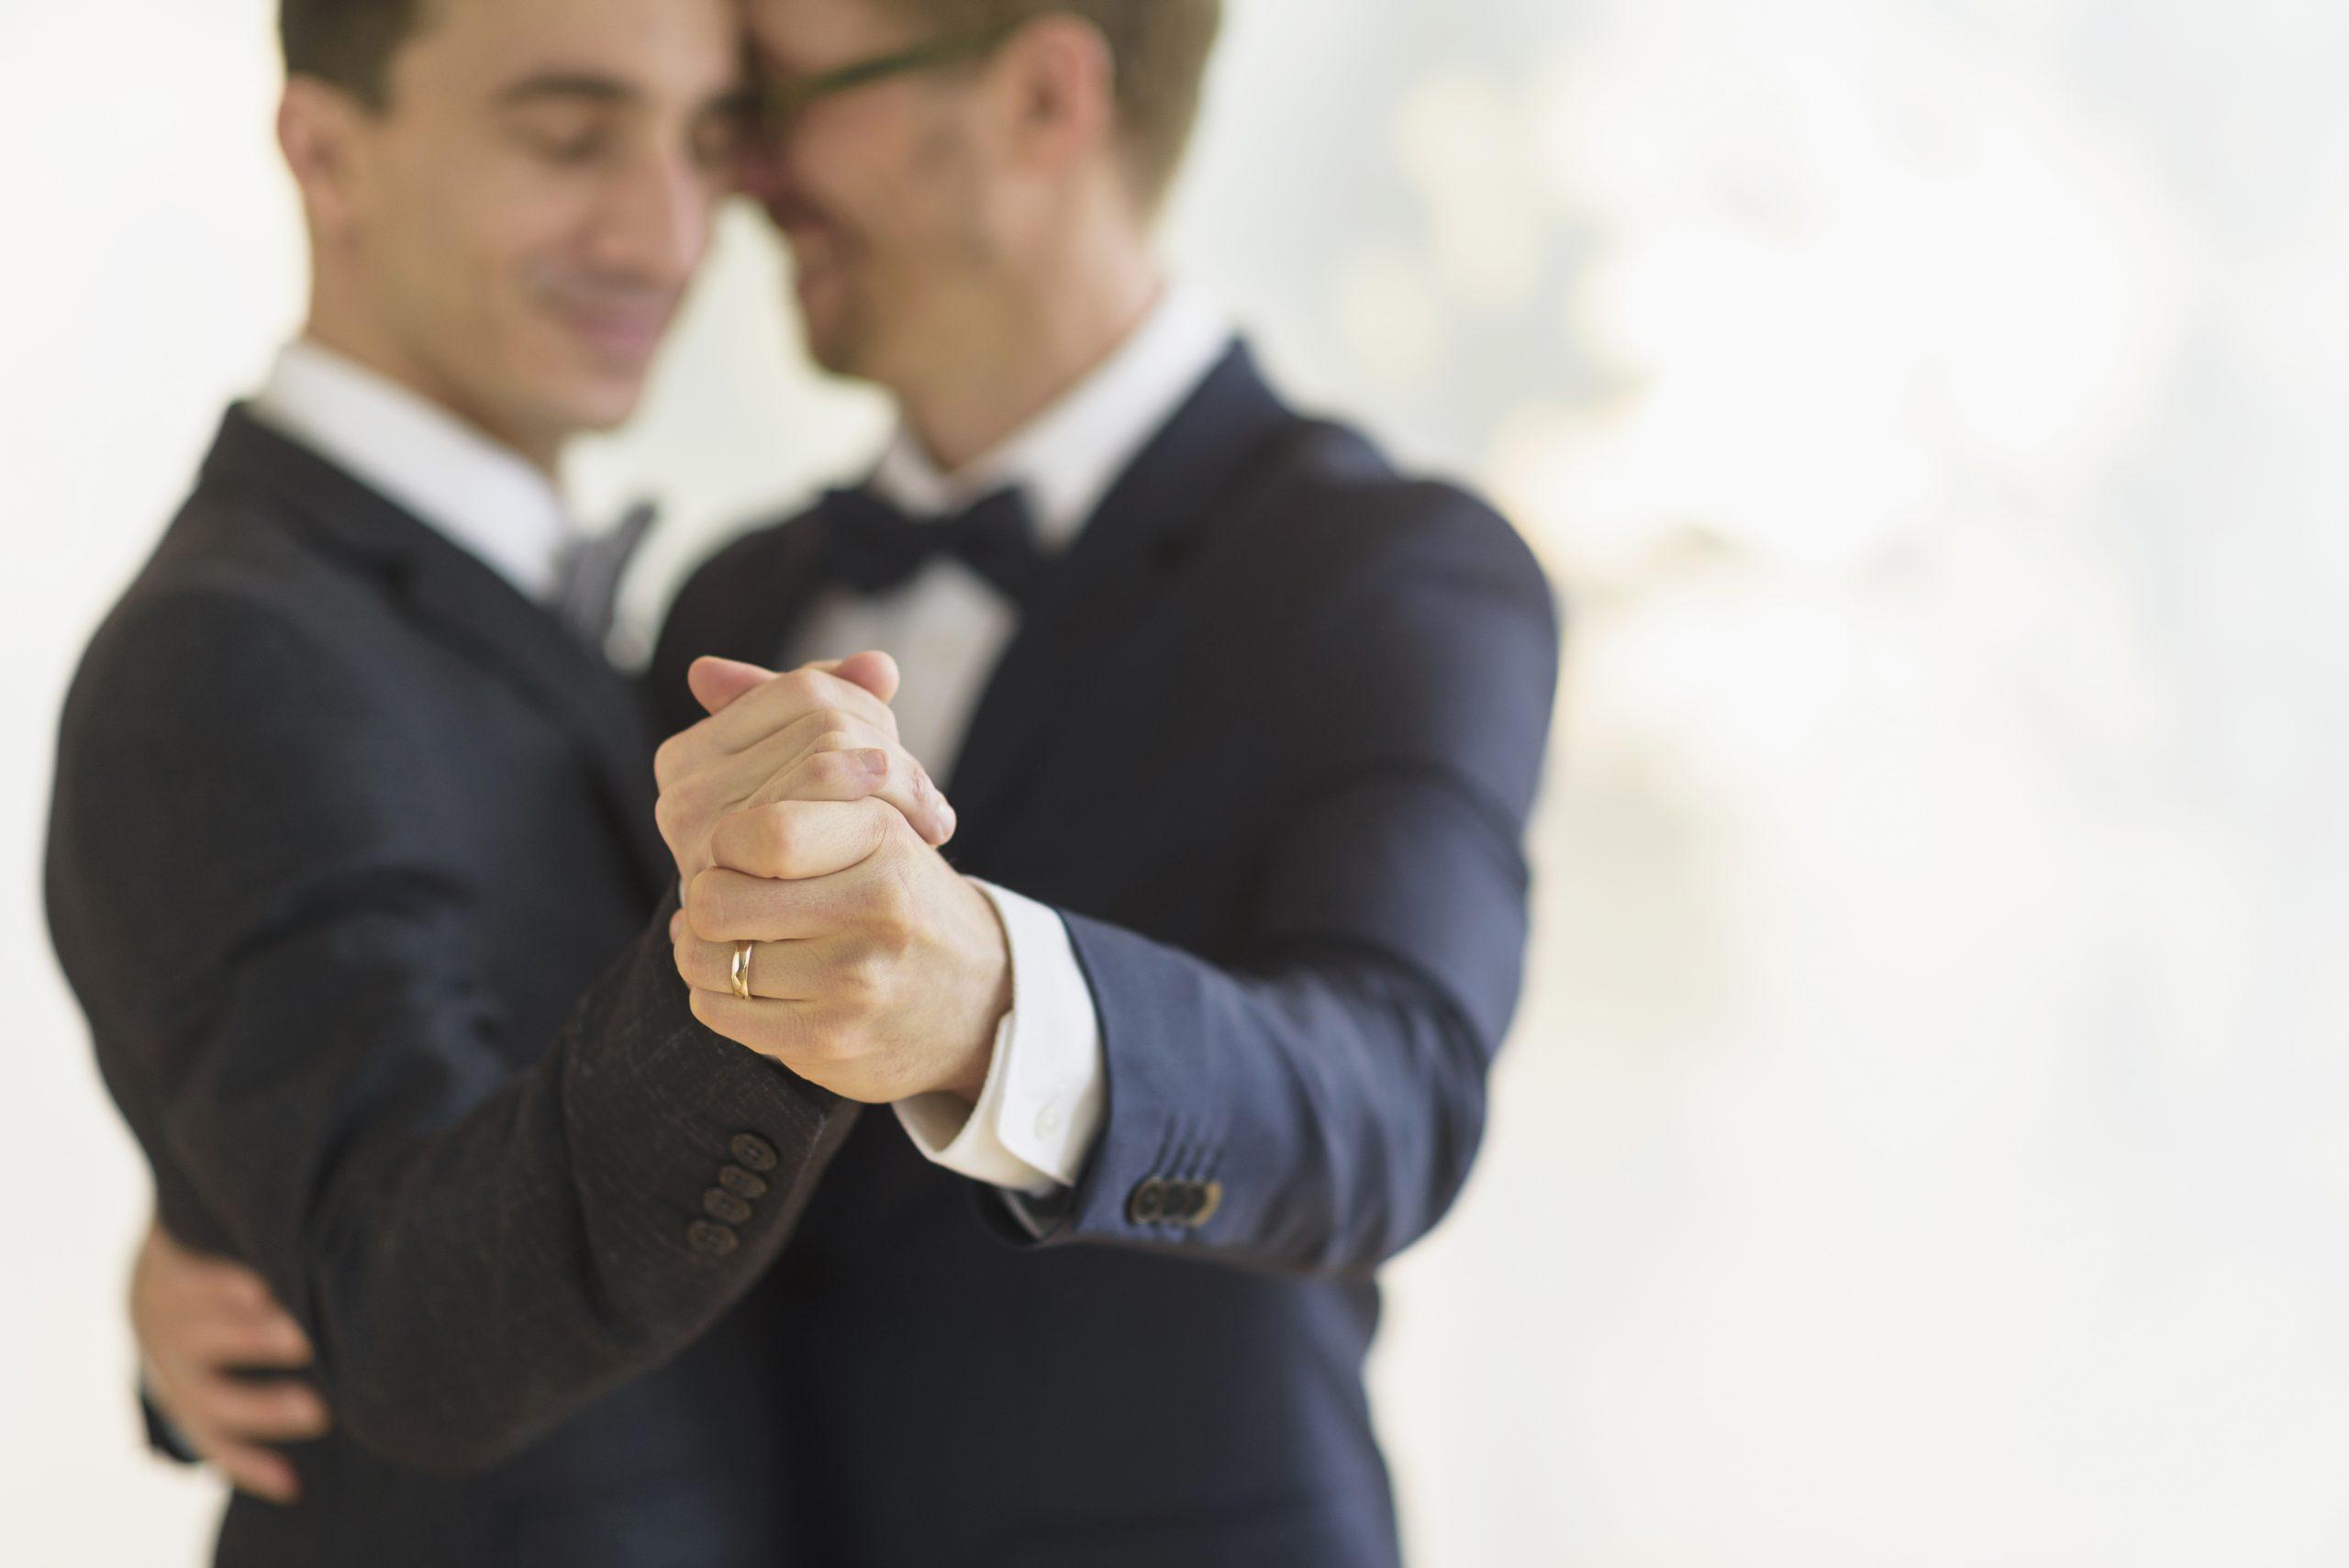 Un couple d'homosexuels nouvellement mariés appréciant leur première danse - ce qui est autorisé par les nouvelles règles de verrouillage des mariages.